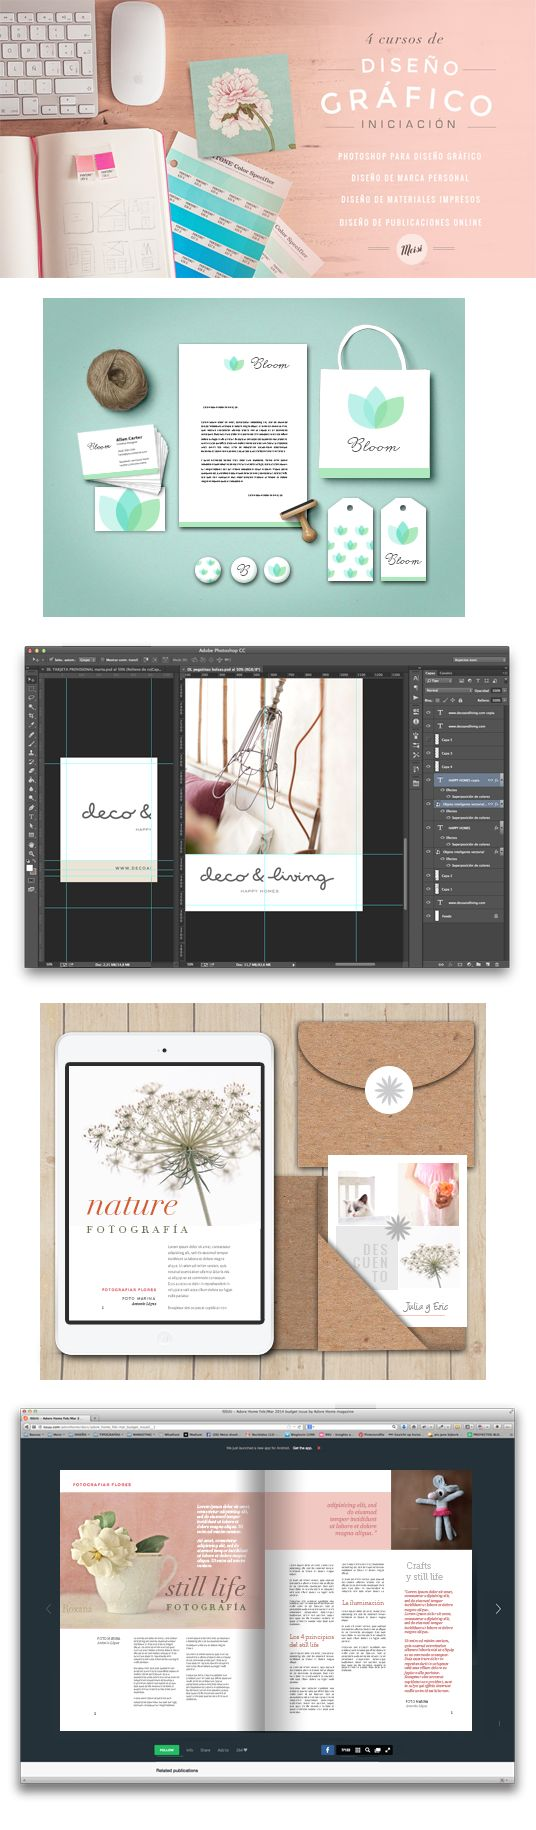 Cursos de diseño gráfico para bloggers: Photoshop para diseño gráfico  Diseño de marca personal   Diseño de materiales impresos y no impresos Diseño de publicaciones online  #diseñografico #blog #photoshop #marcapersonal #cursos #cursosonline